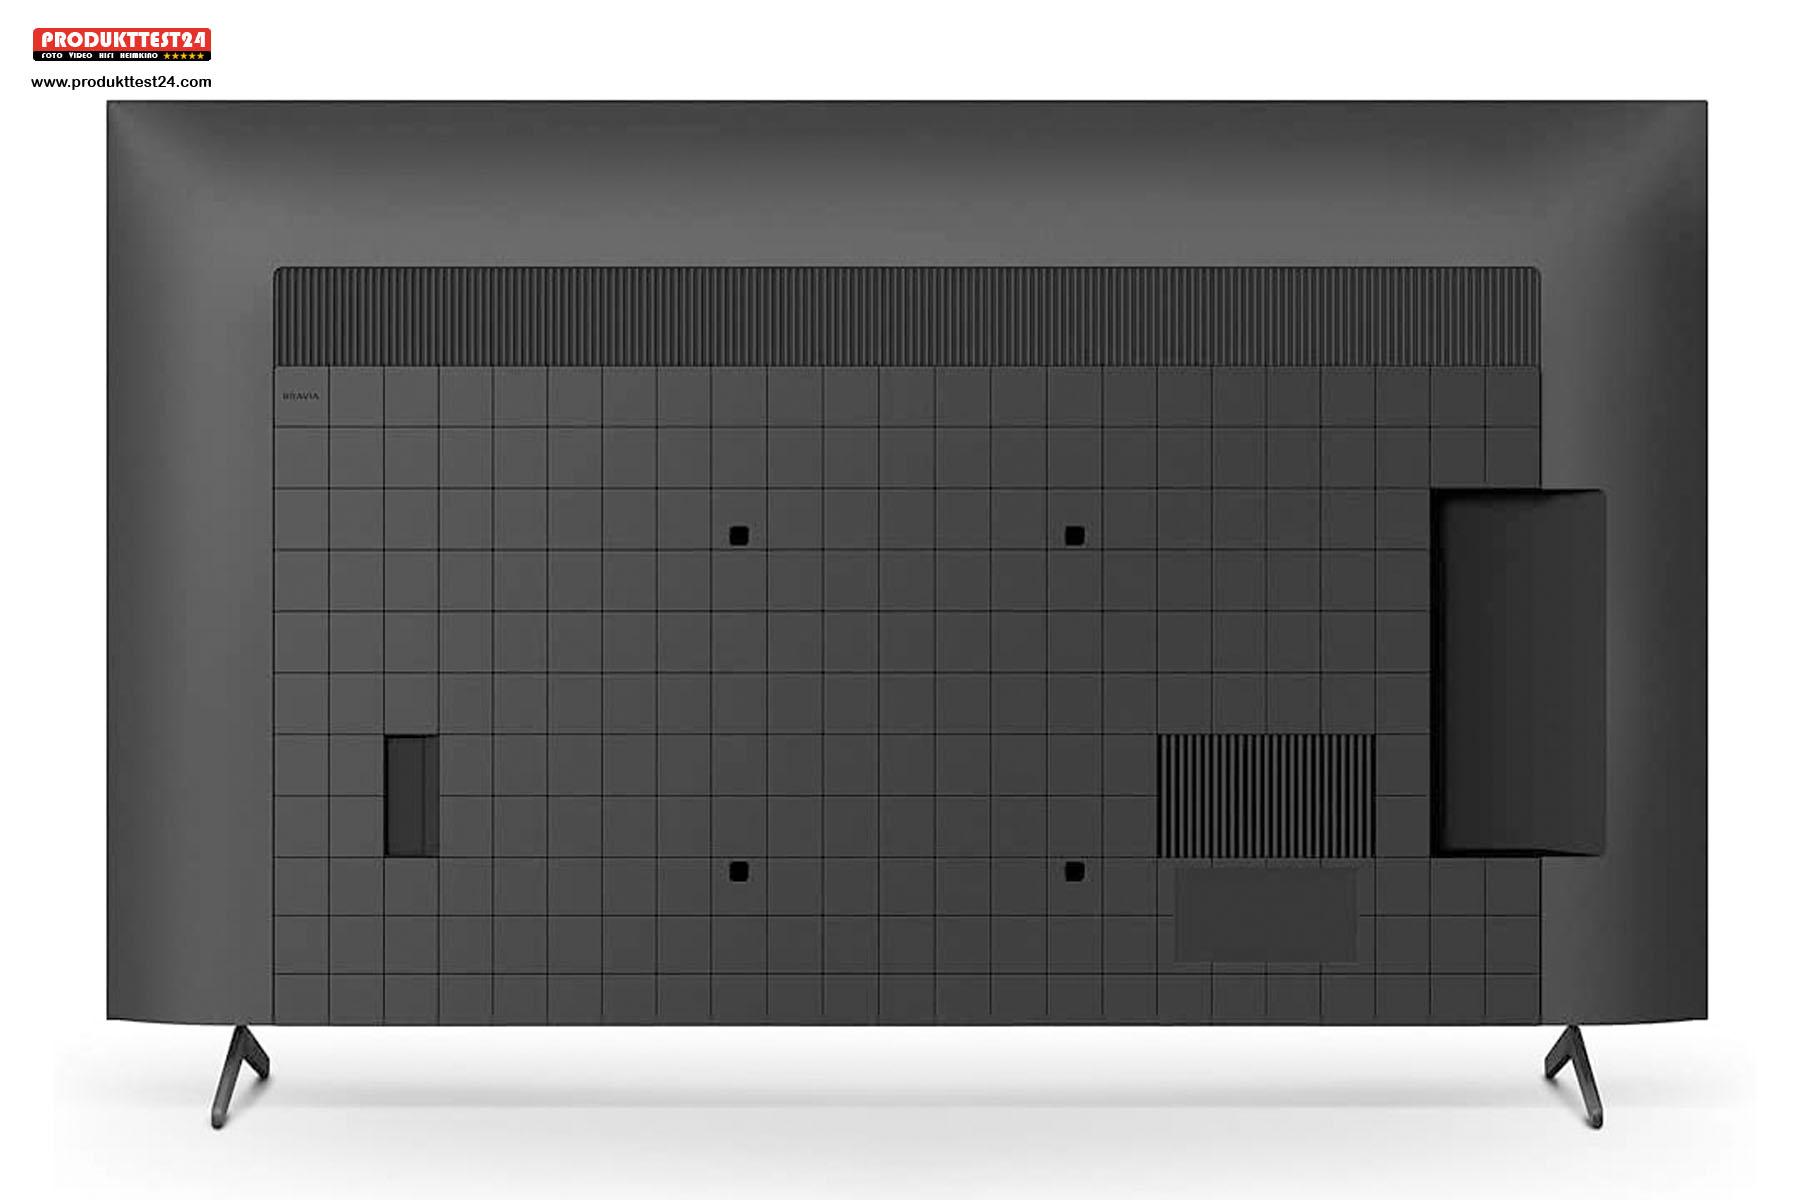 Ansicht der Rückseite des Sony X85J